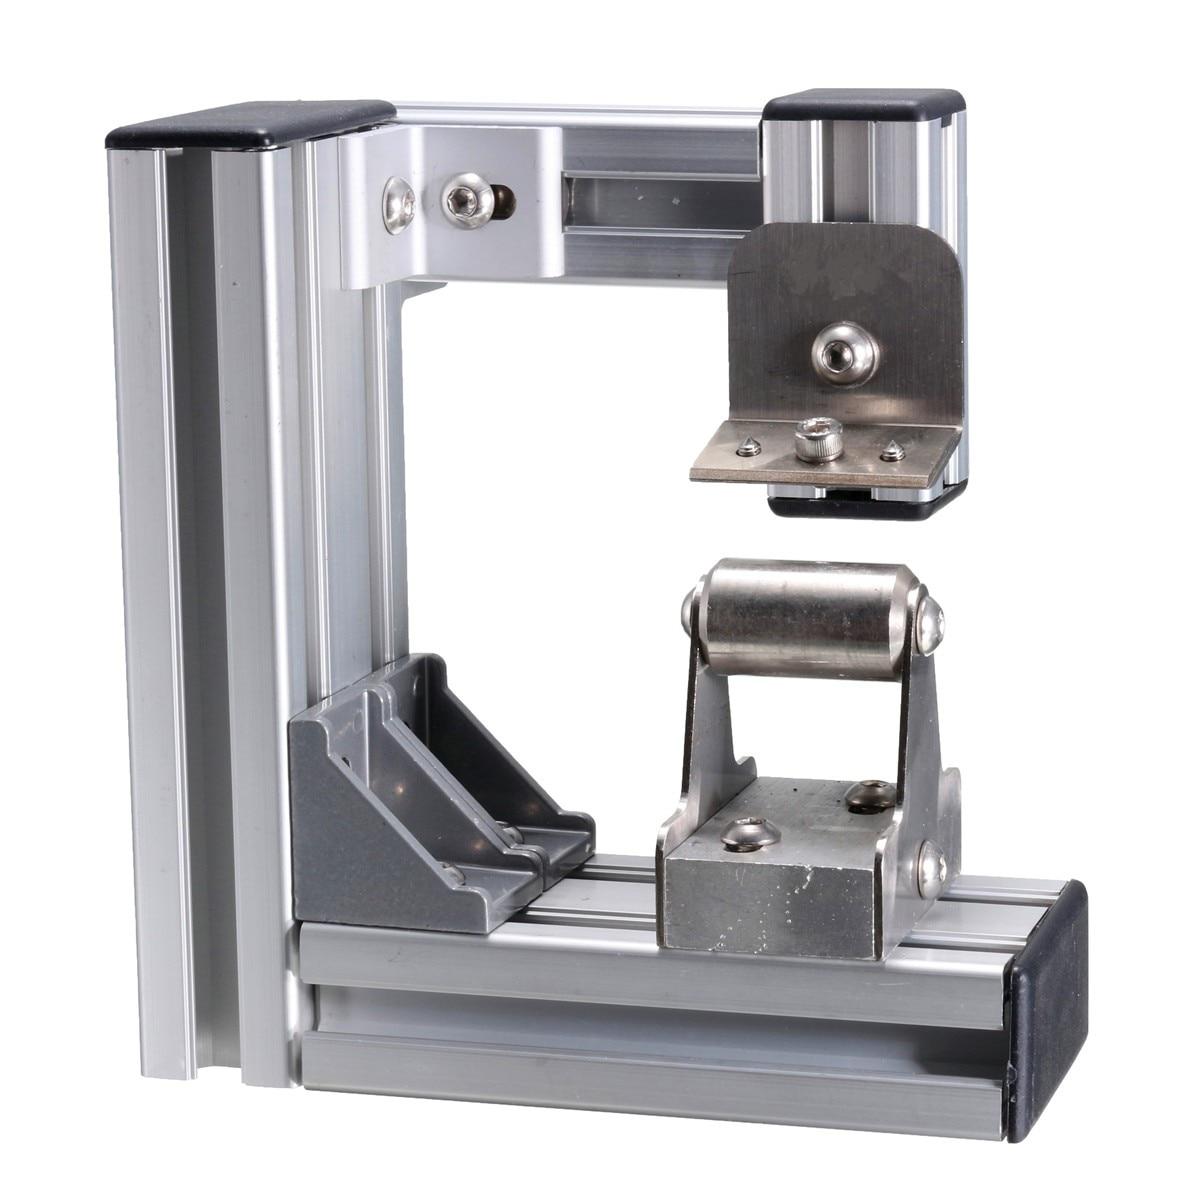 Nouveau 165x145x118mm En Cuir Skiver machine séparatrice Bord-Biseauter À Éplucher Cutter Leathercraft bricolage Outil